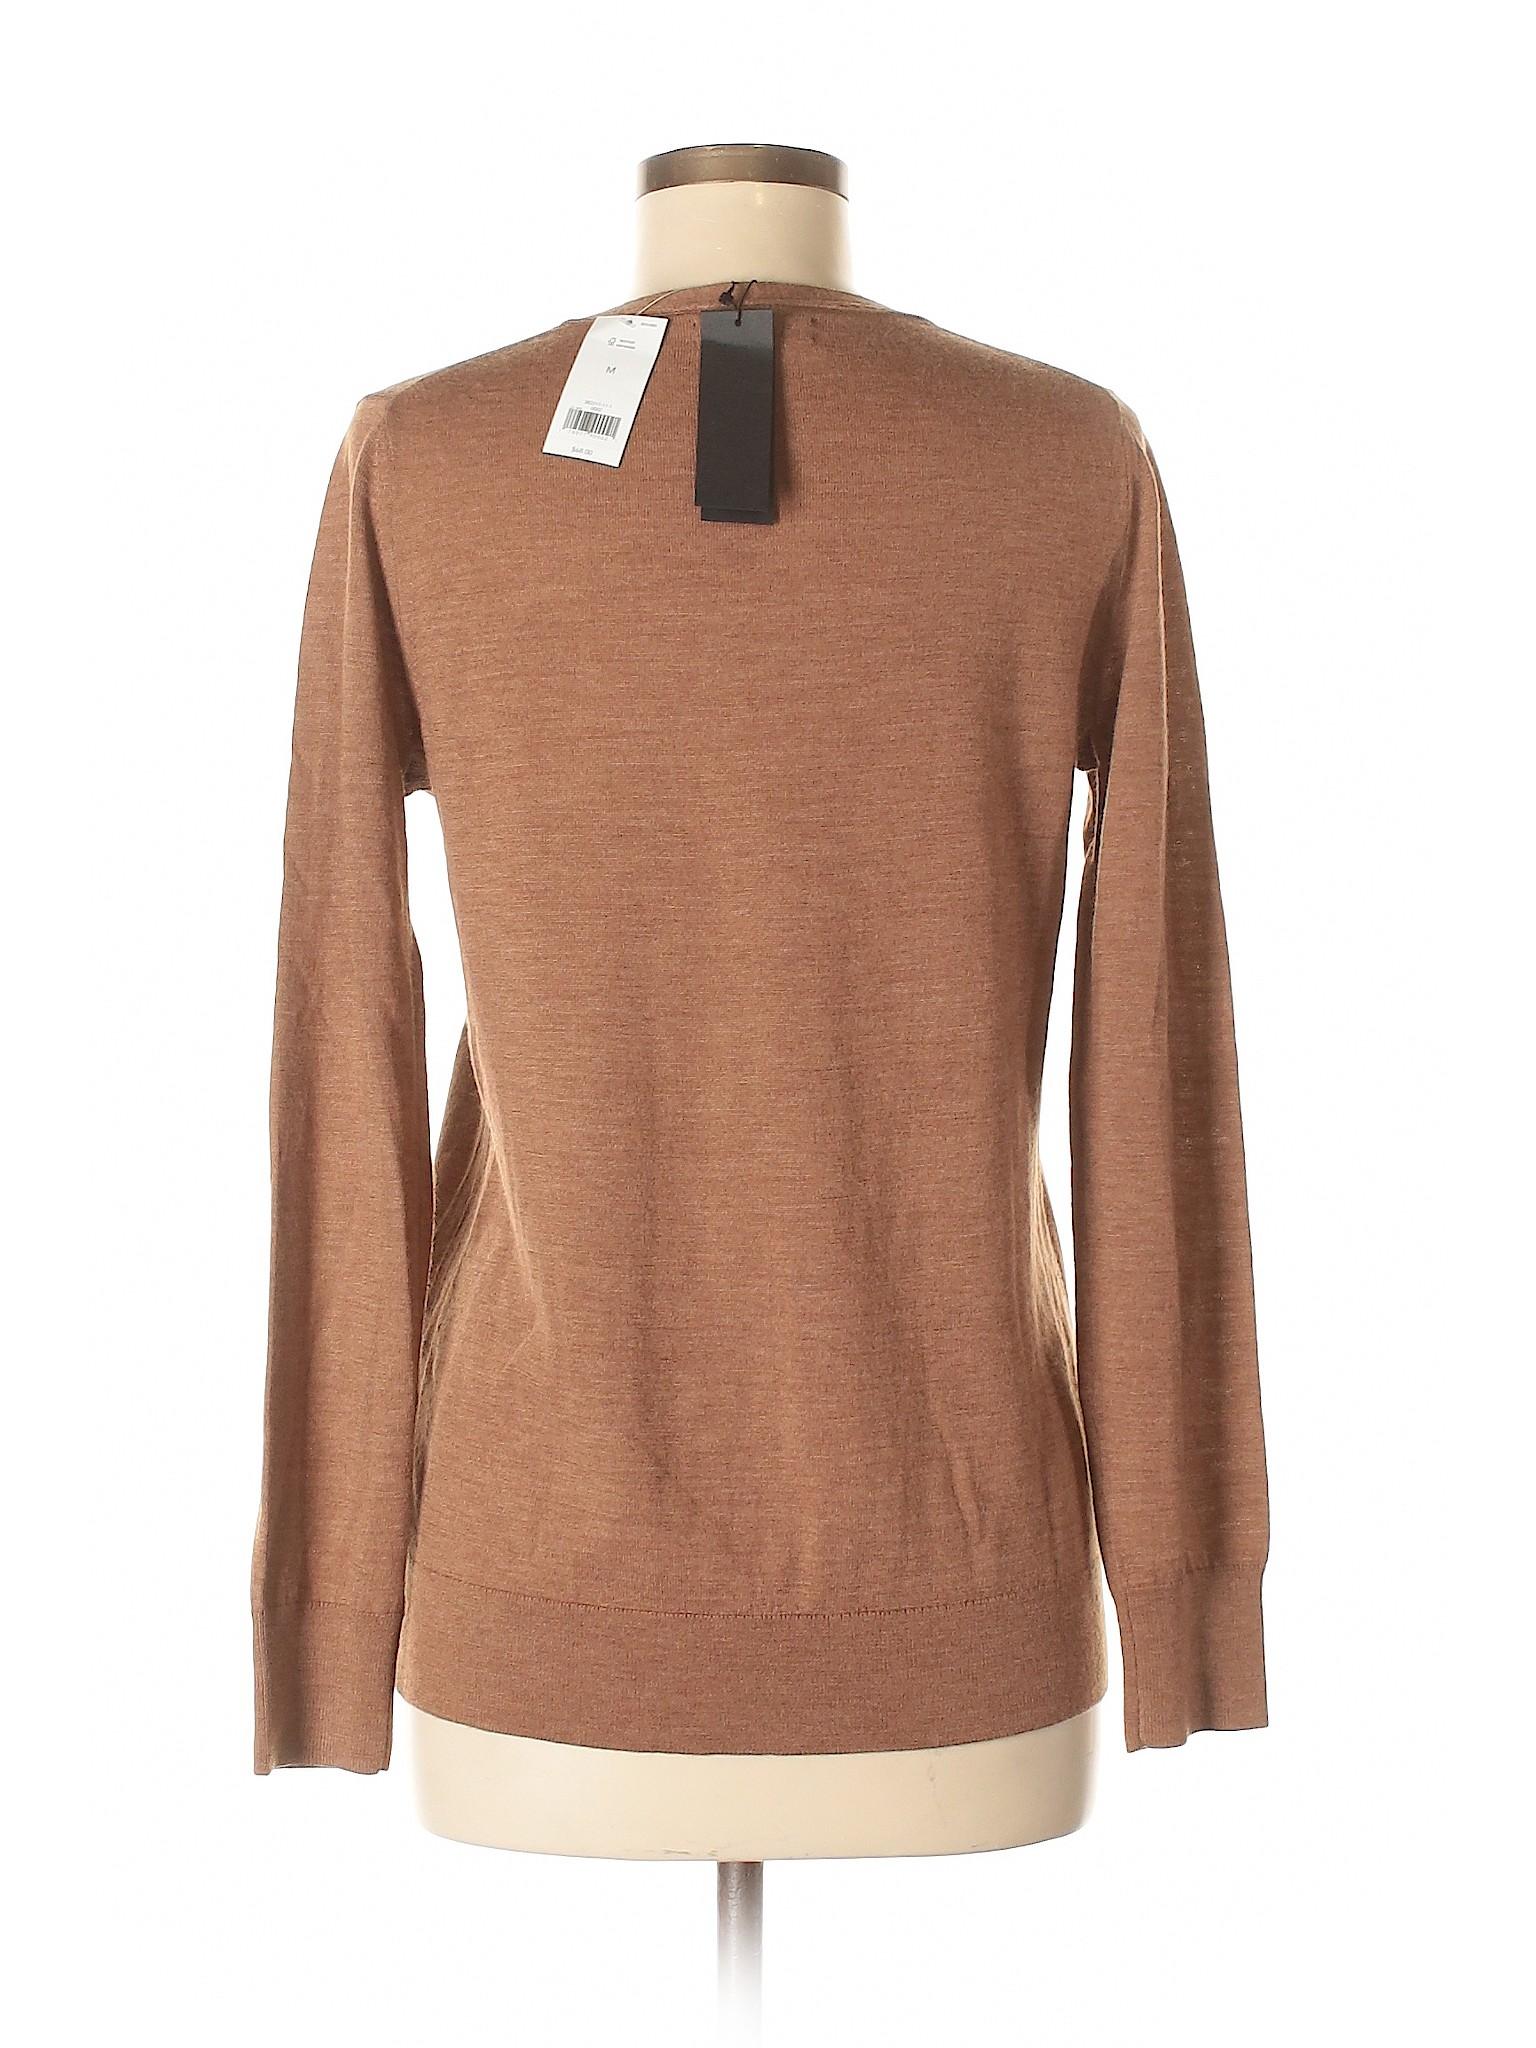 Sweater Wool Boutique Banana Pullover Republic winter qHqTAfa